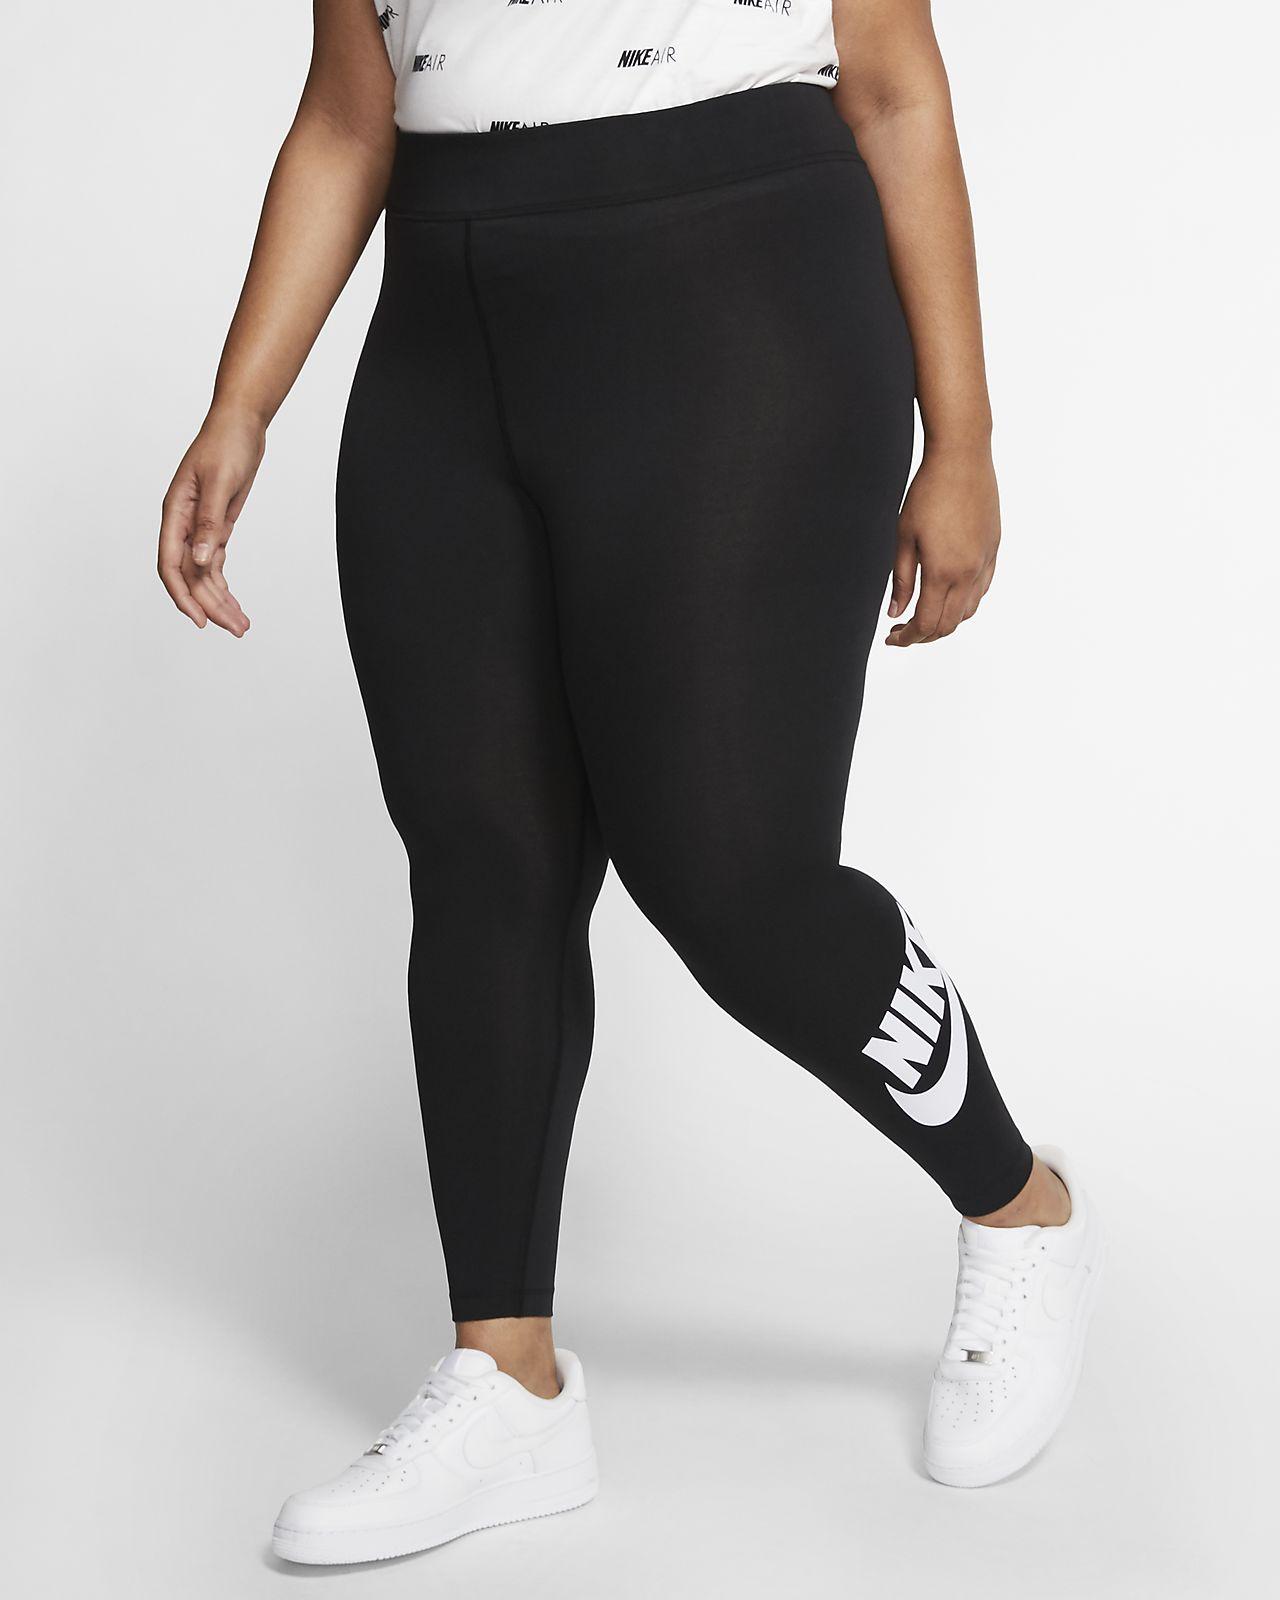 Dámské legíny s vysokým pasem Nike Sportswear Leg-A-See (větší velikost)